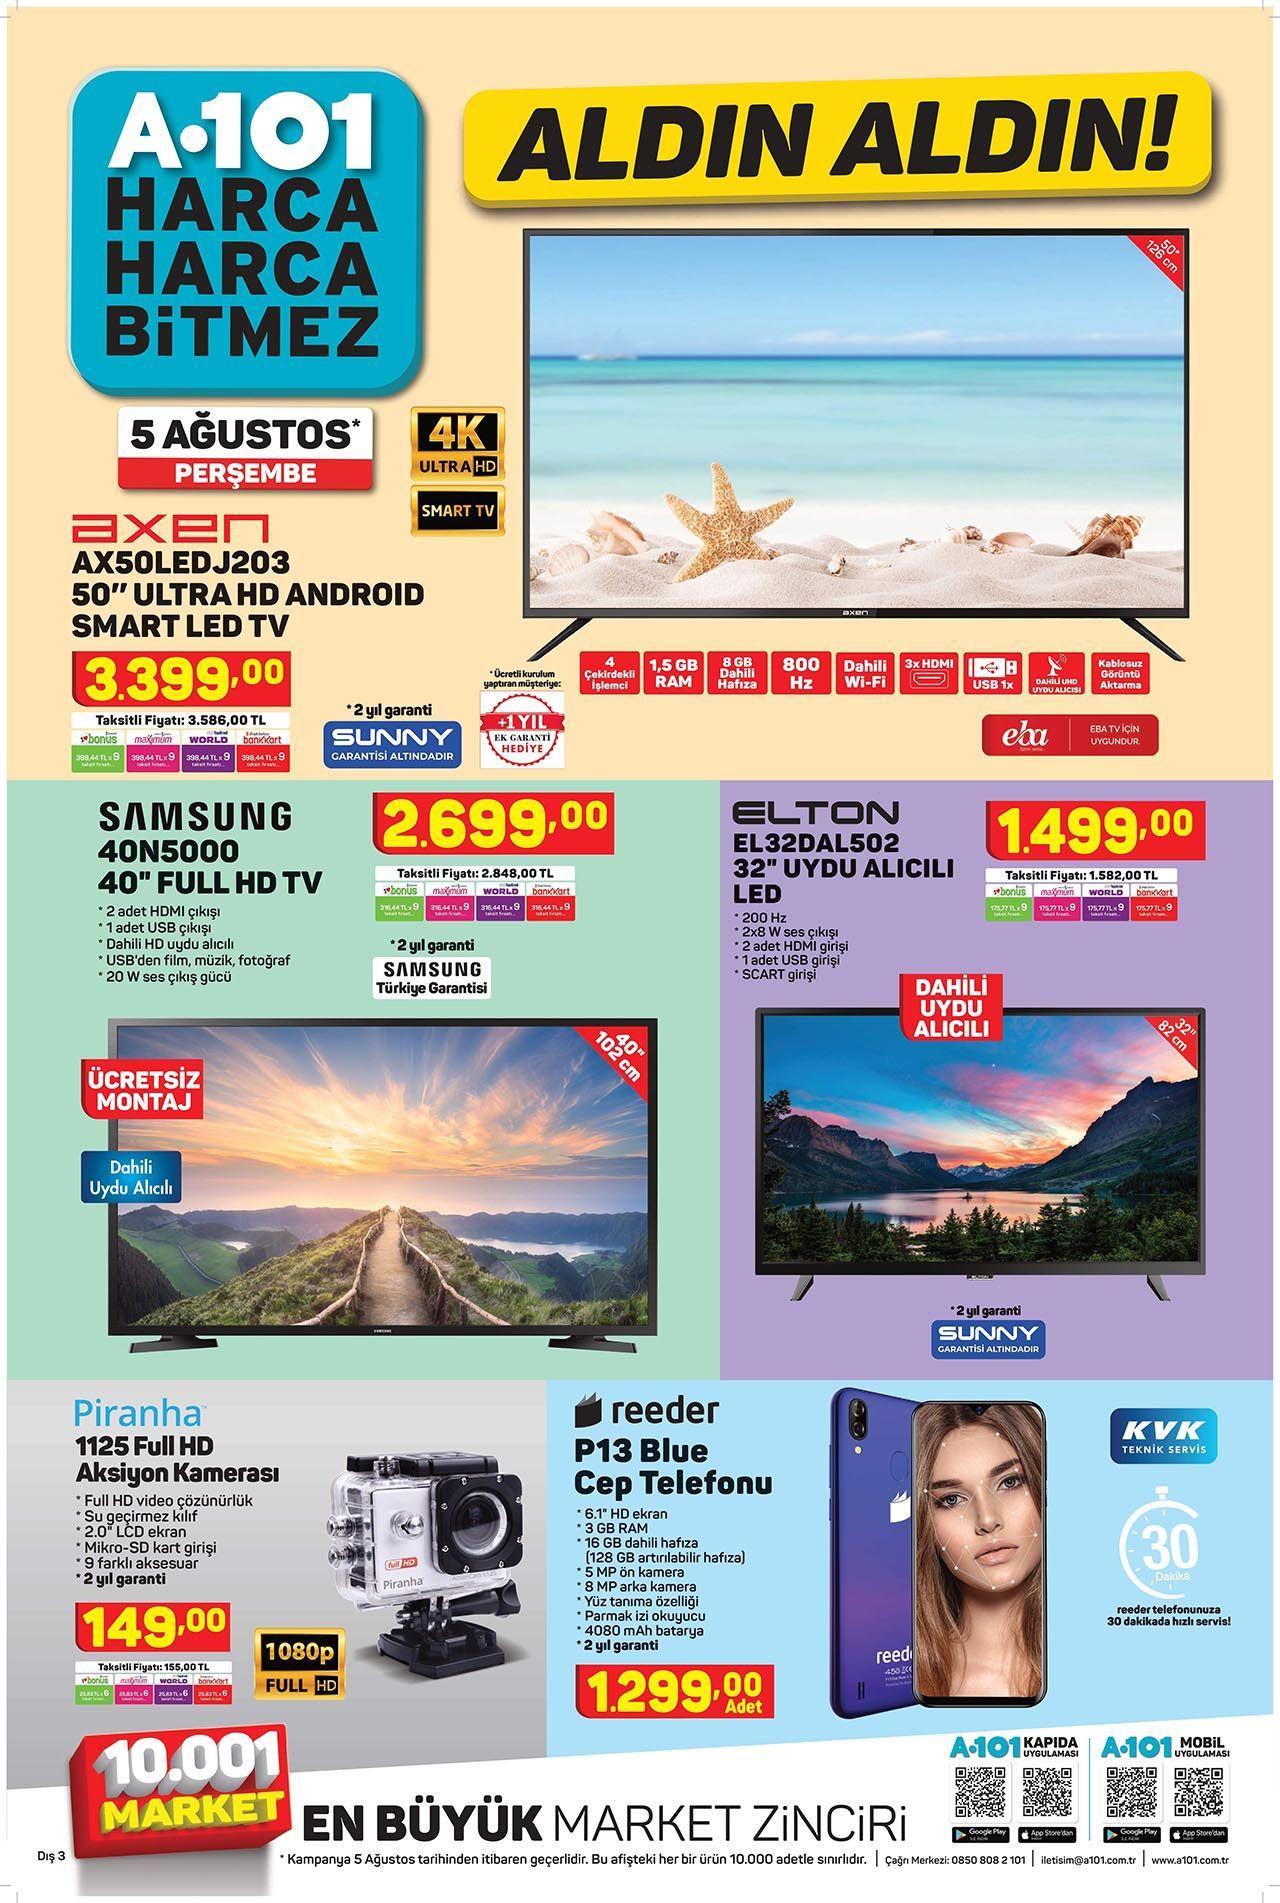 A101 5 Ağustos Perşembe aktüel ürünler kataloğu - Resim: 2